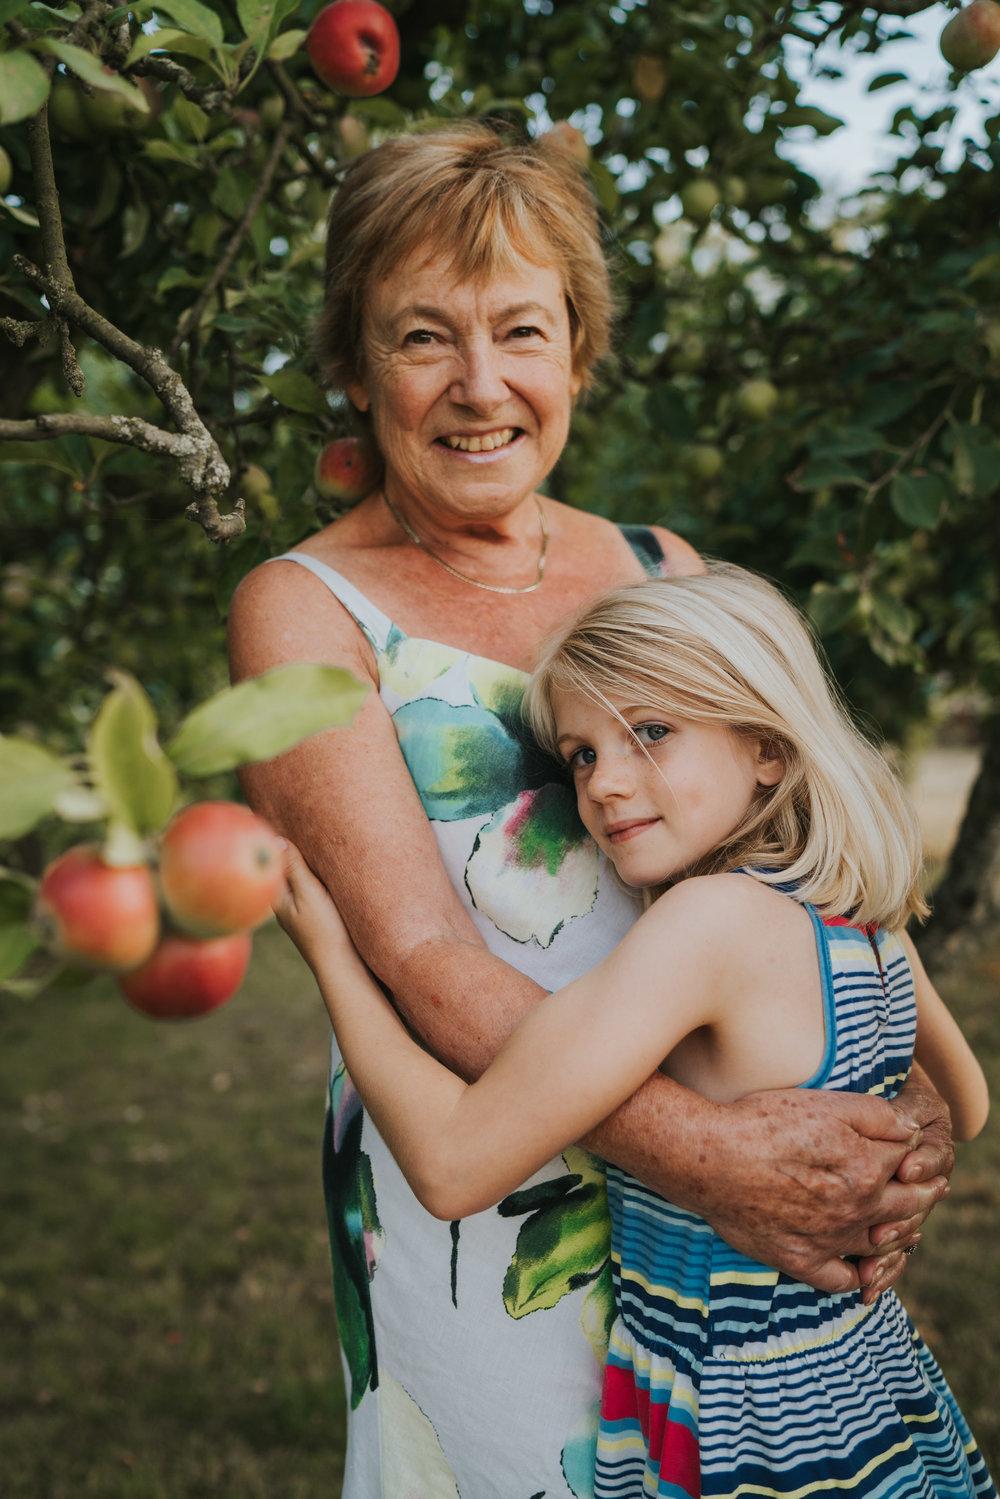 Grace-Elizabeth-Extended-Family-Session-Essex-Lifestyle-Shoot-Essex-Alternative-Wedding-Photographer-Colchester-Essex-Suffolk-Devon-Norfolk (42 of 47).jpg